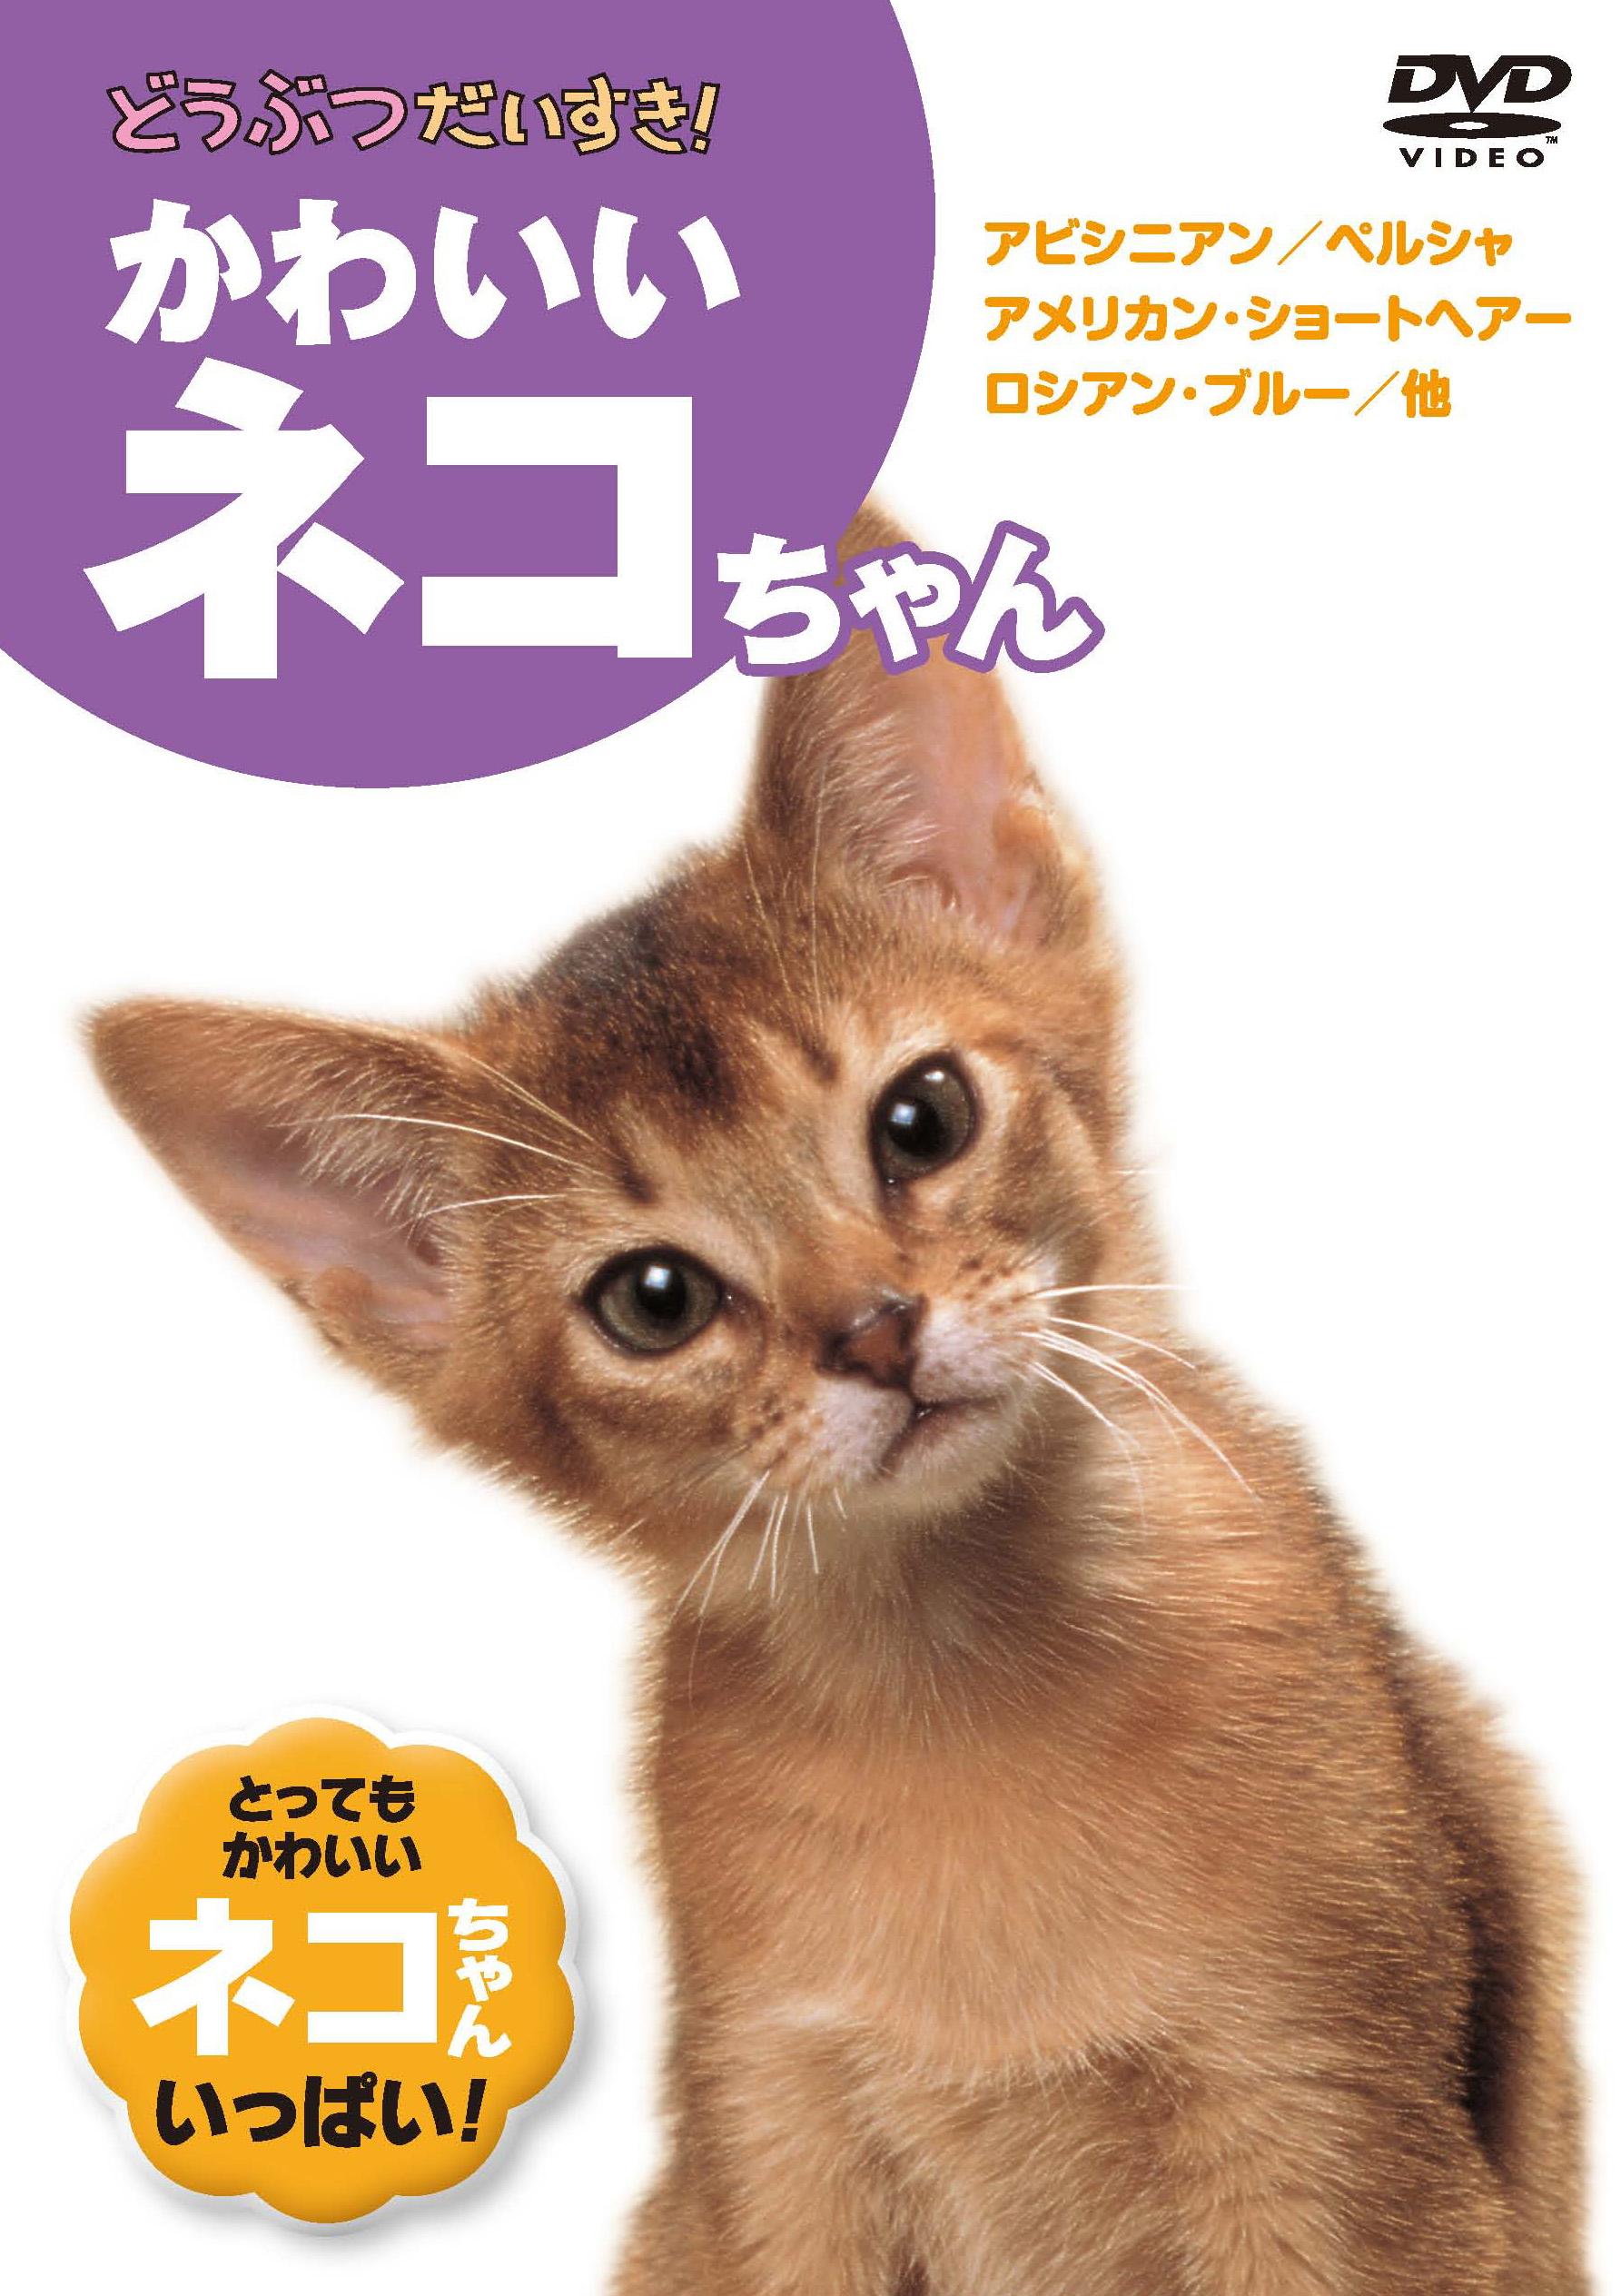 どうぶつだいすき3 かわいいネコちゃん